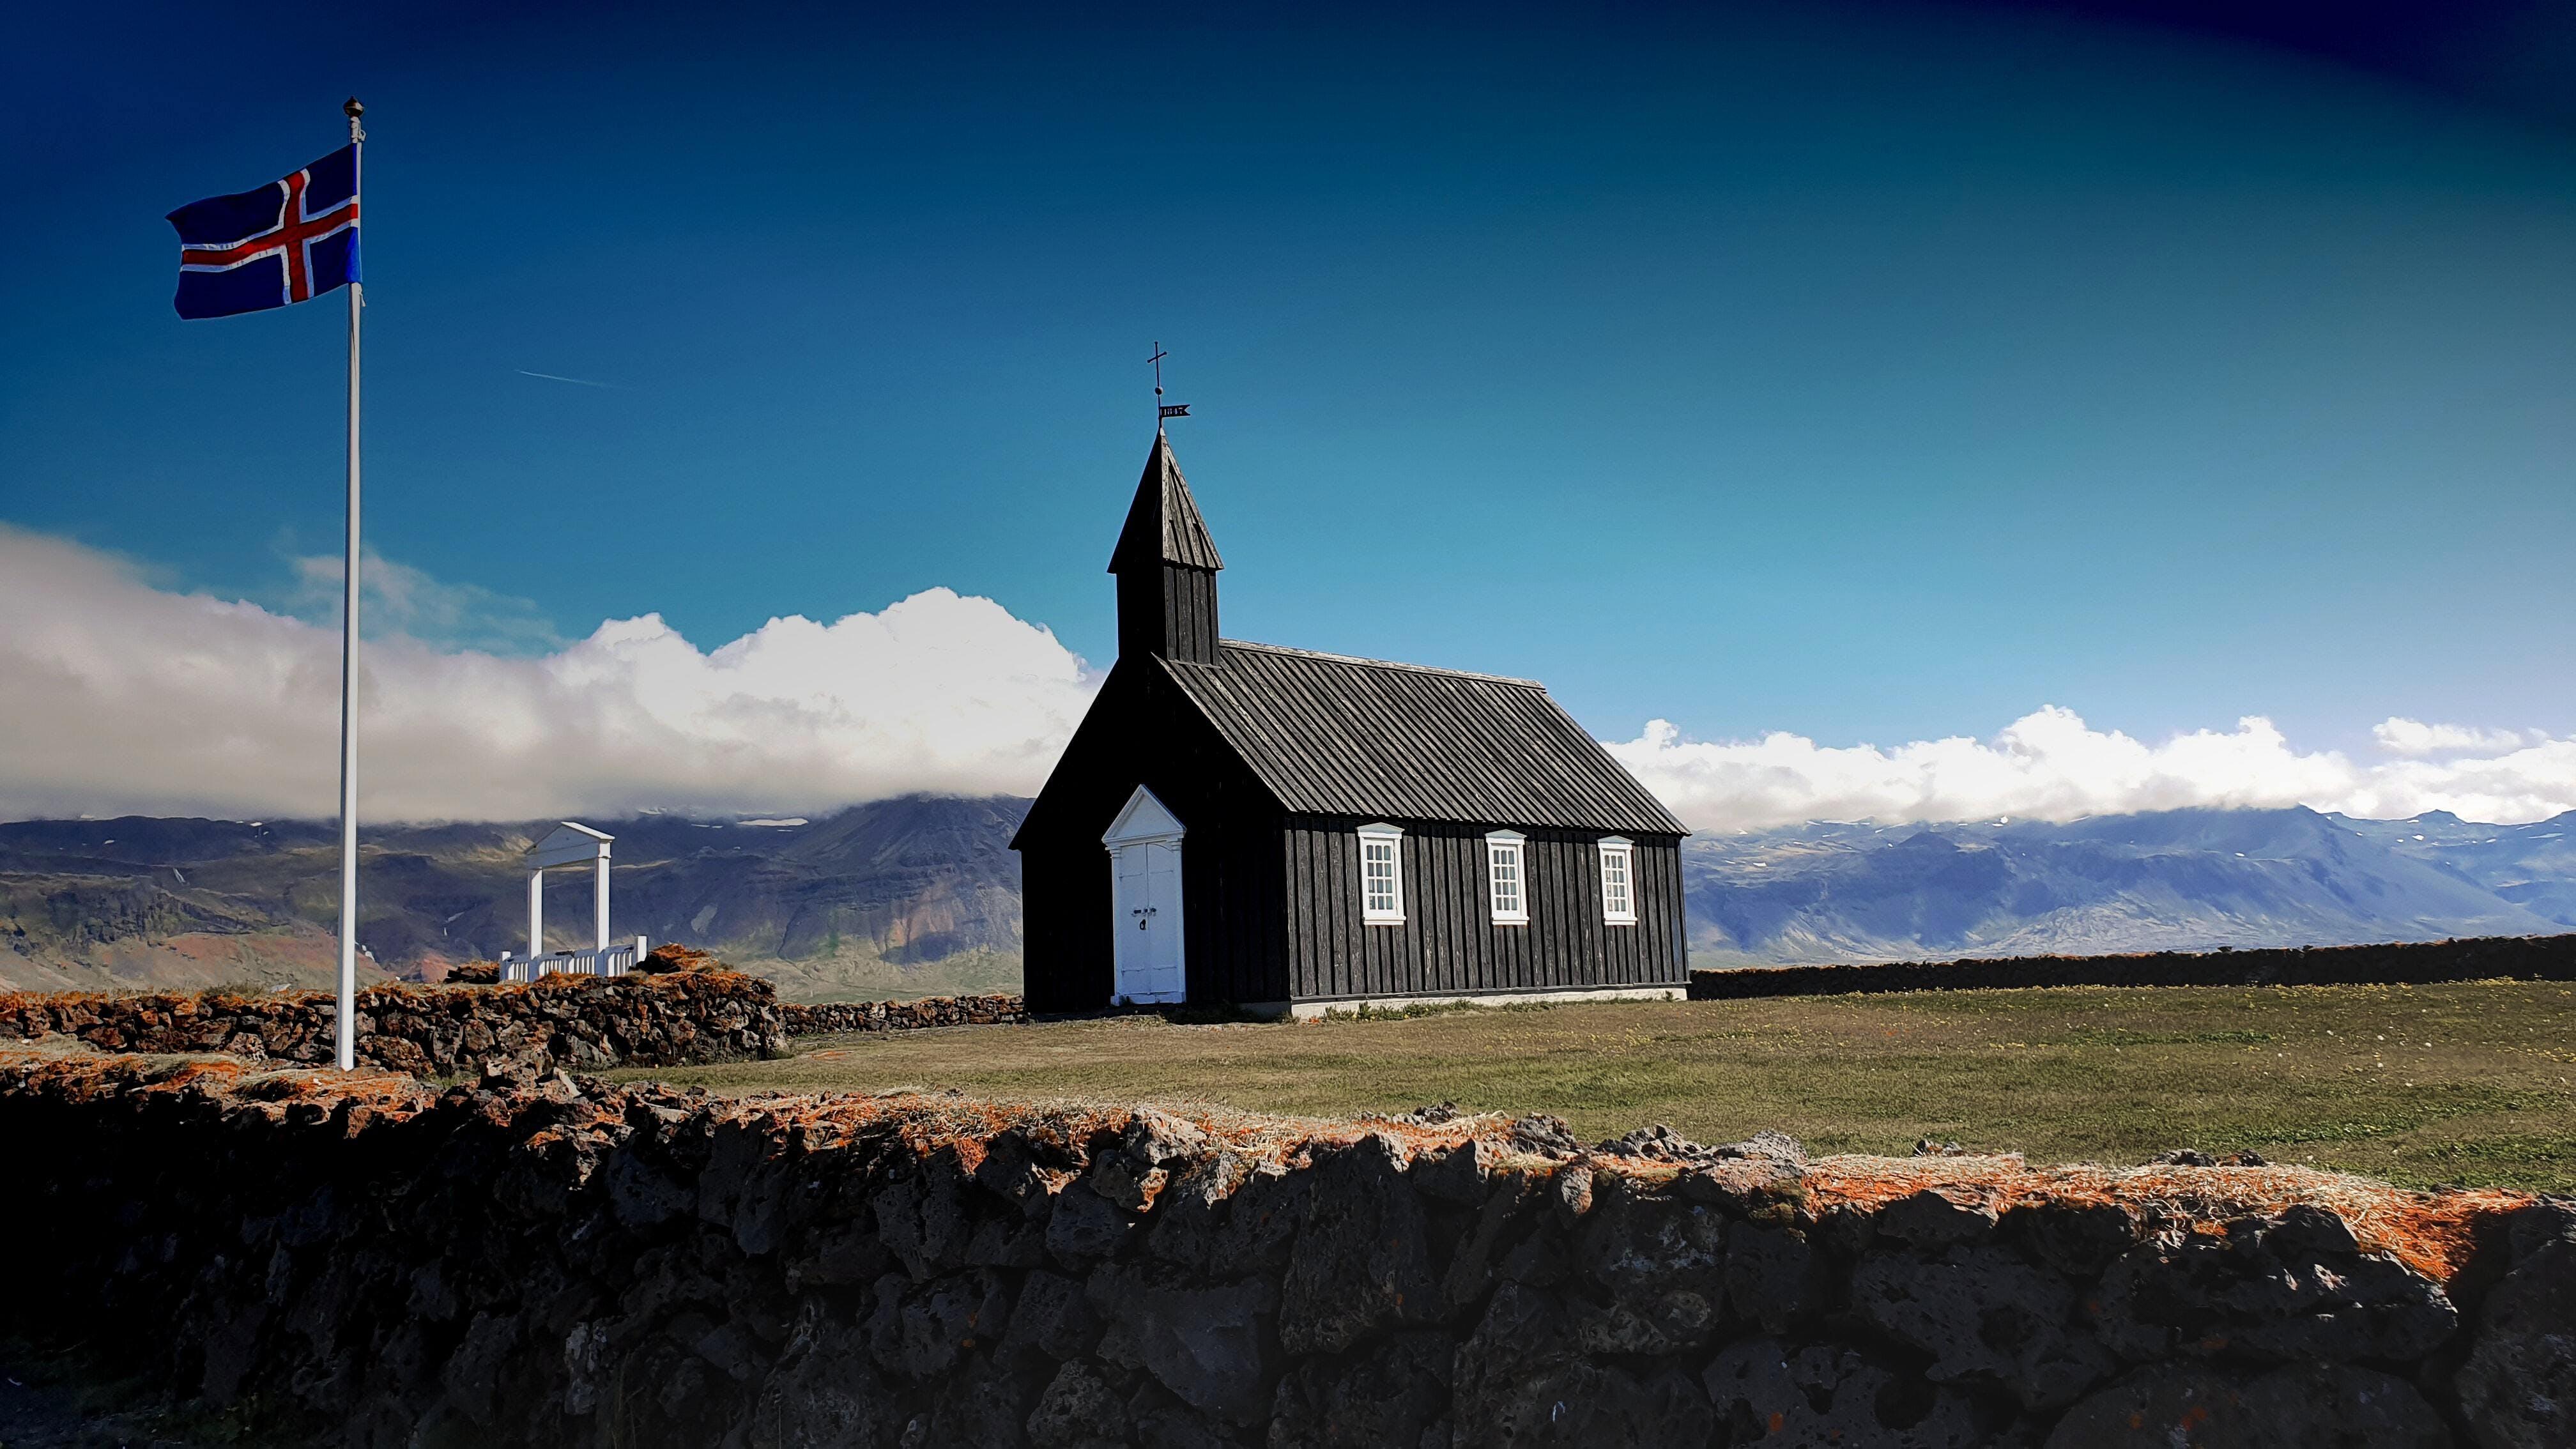 Búðir church with the Icelandic flag